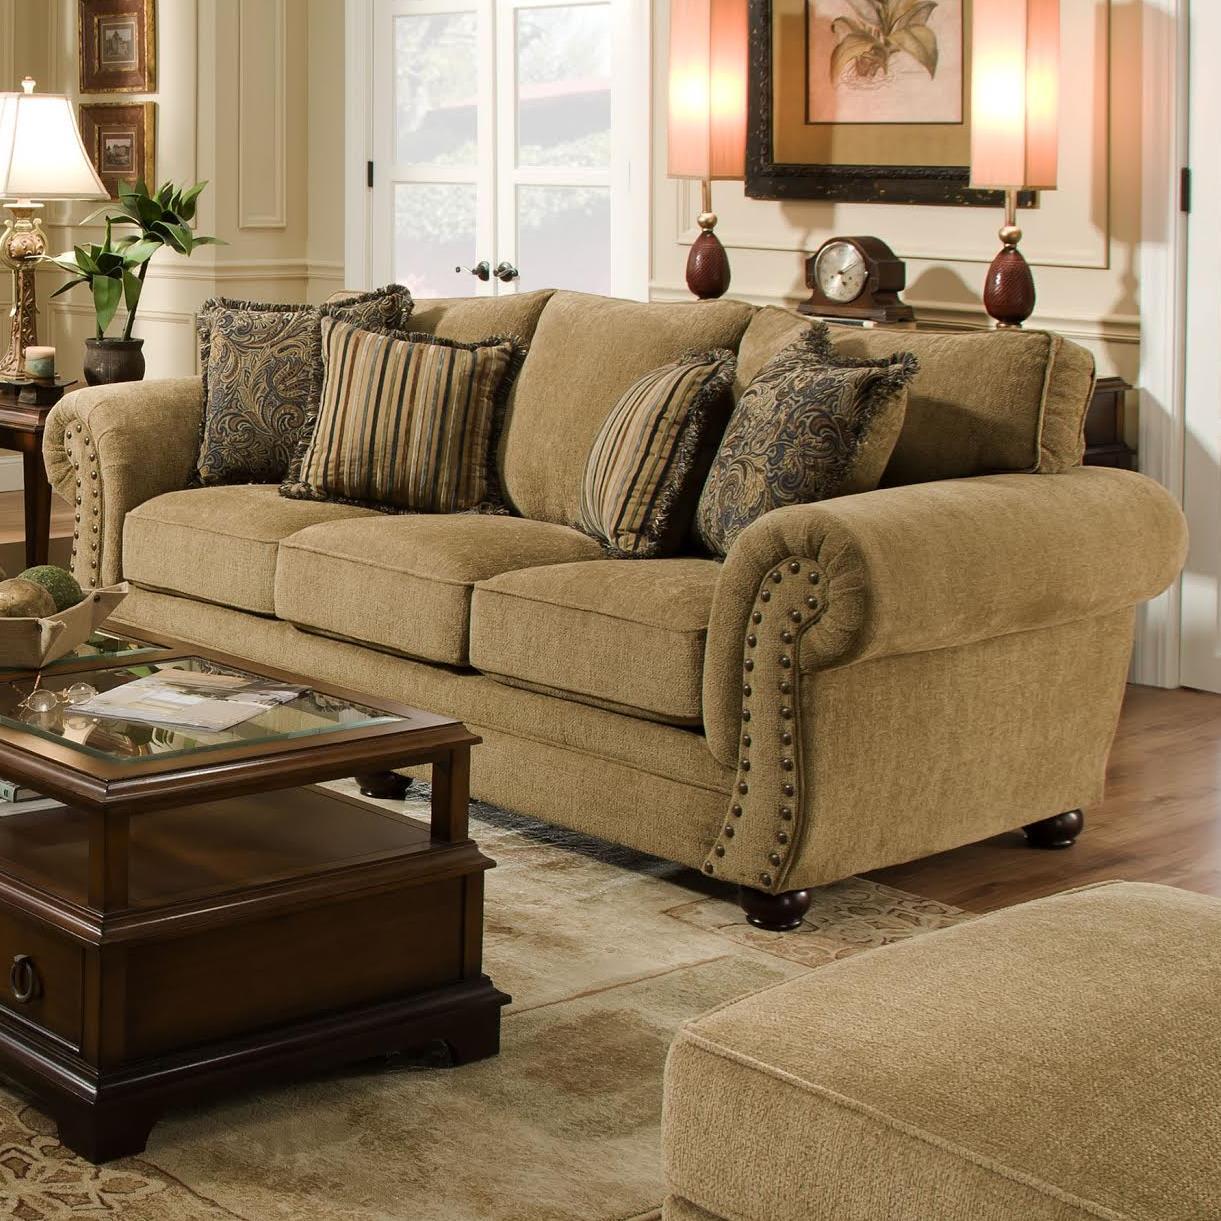 Simmons Upholstery 4277 Sofa